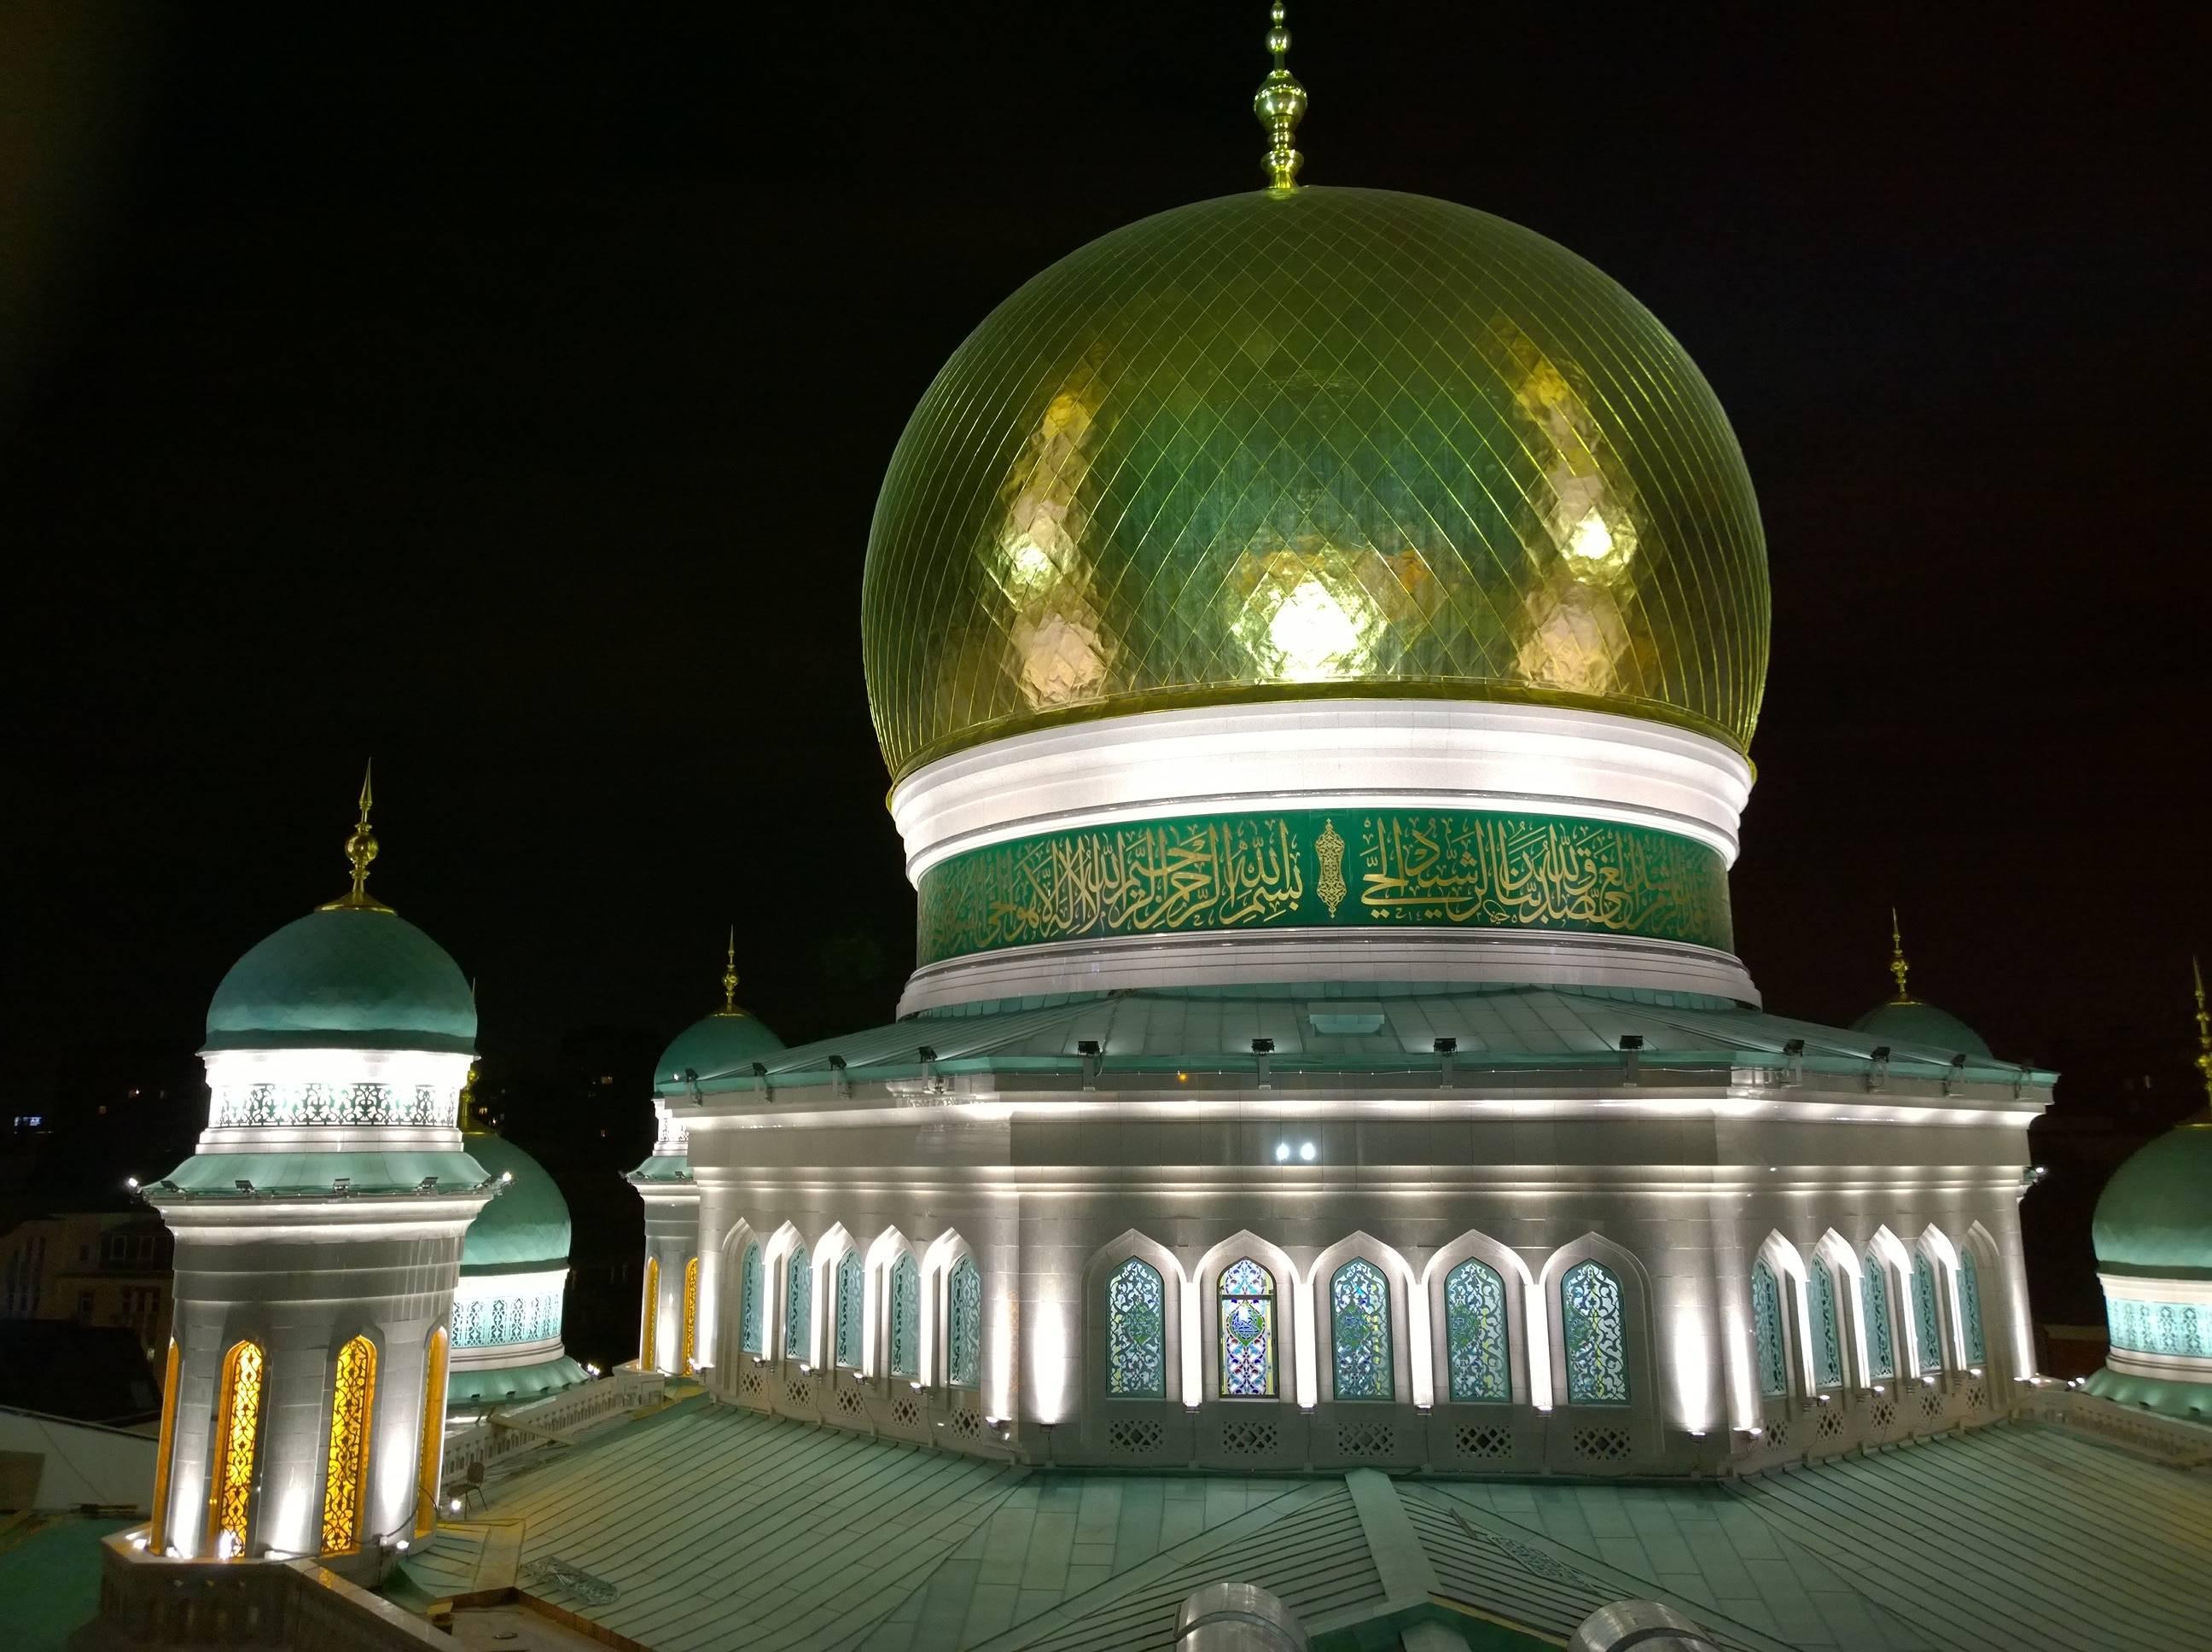 Религиозные достопримечательности потсдама: популярные храмы, соборы и мечети